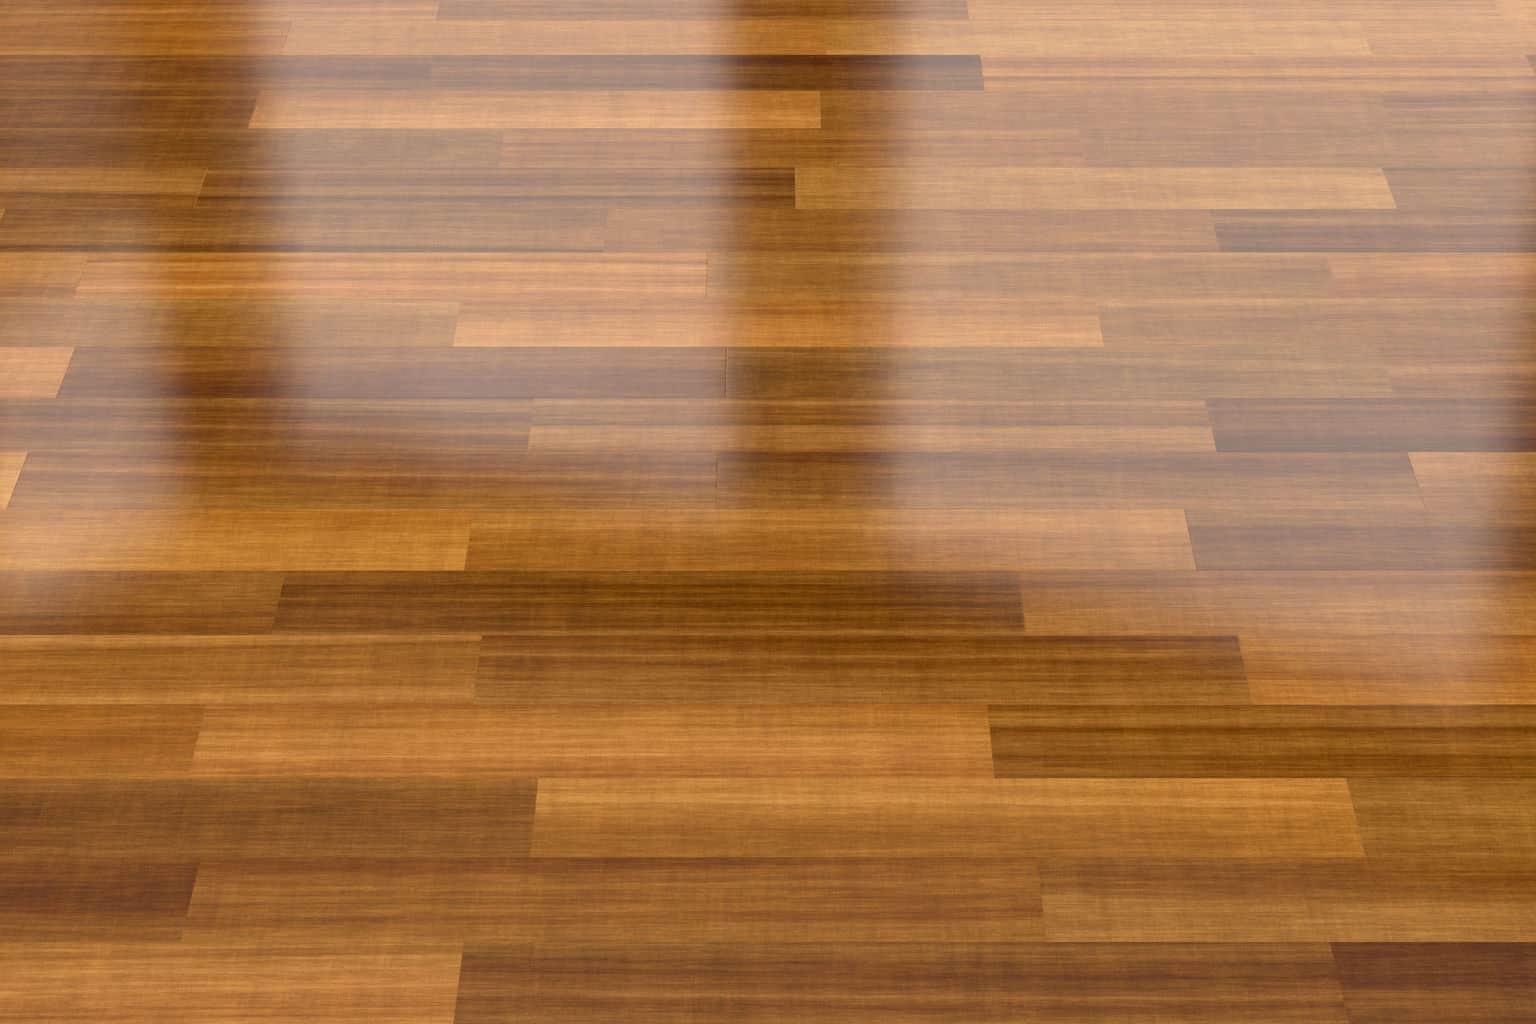 Refinishing Hardwood Floors Without Sanding…Is It OK ...